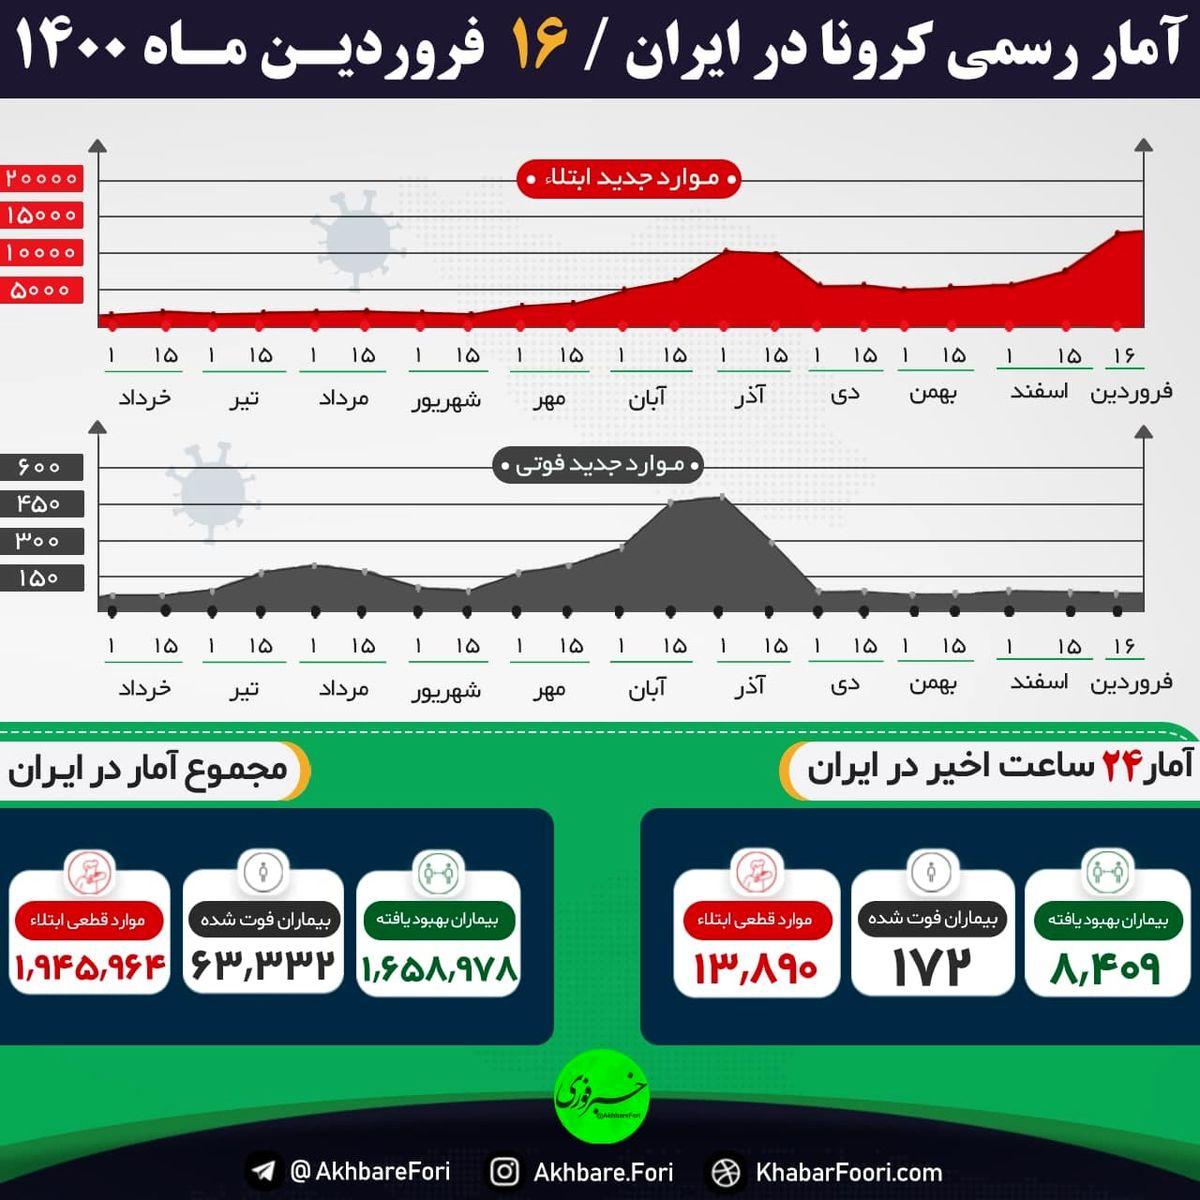 آخرین آمار کرونا در ایران؛ بازگشت به روزهای سیاه کرونایی